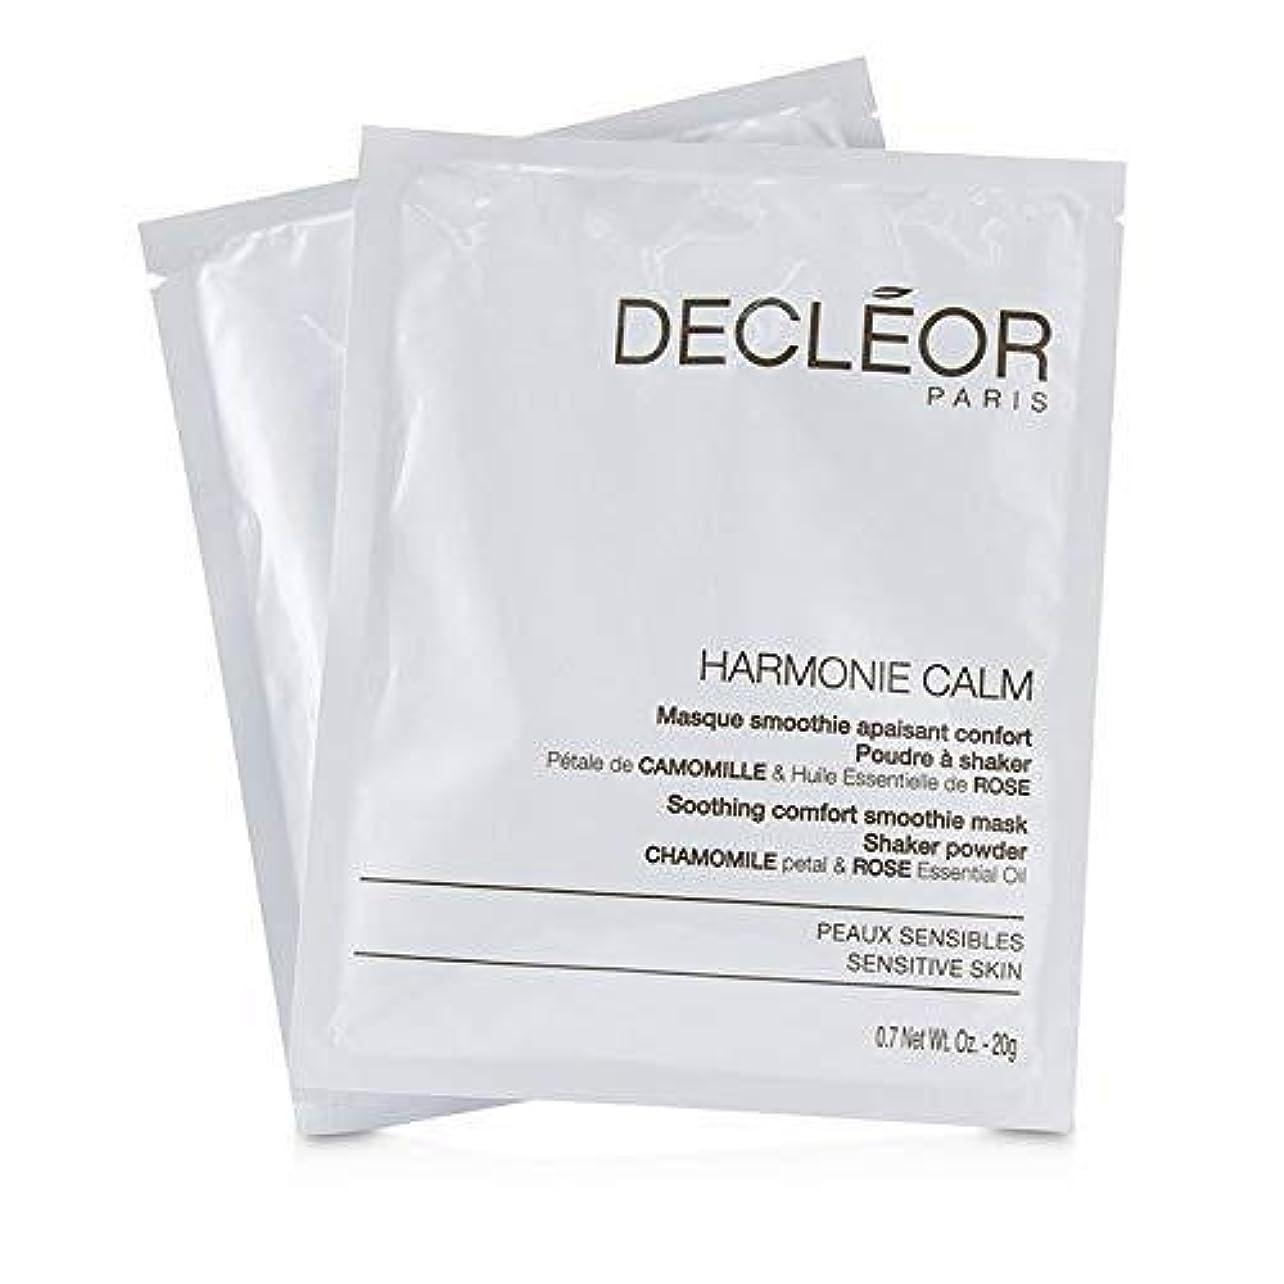 寄り添うますます永続デクレオール Harmonie Calm Soothing Comfort Smoothie Mask Shaker Powder - For Sensitive Skin (Salon Product) 5x20g/0.7oz並行輸入品